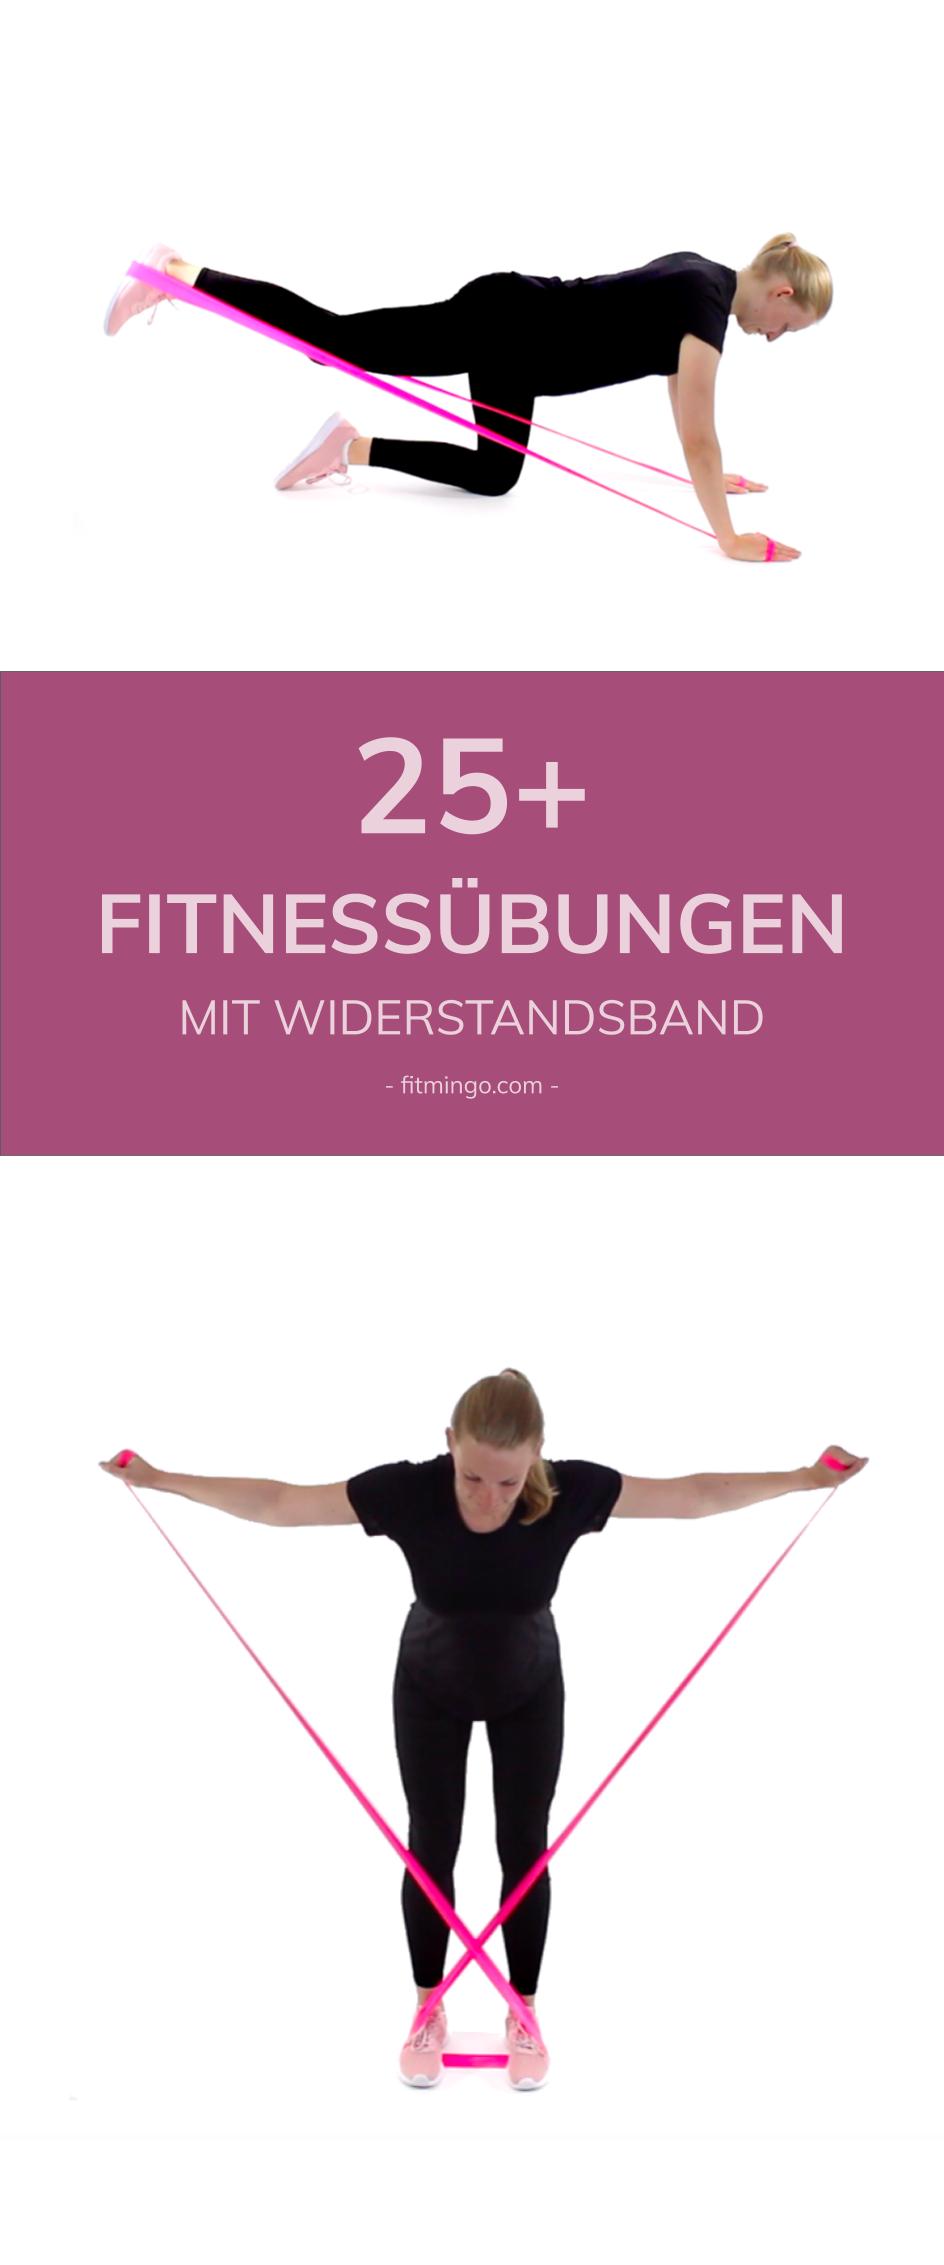 25+ Fitnessübungen mit Widerstandsband